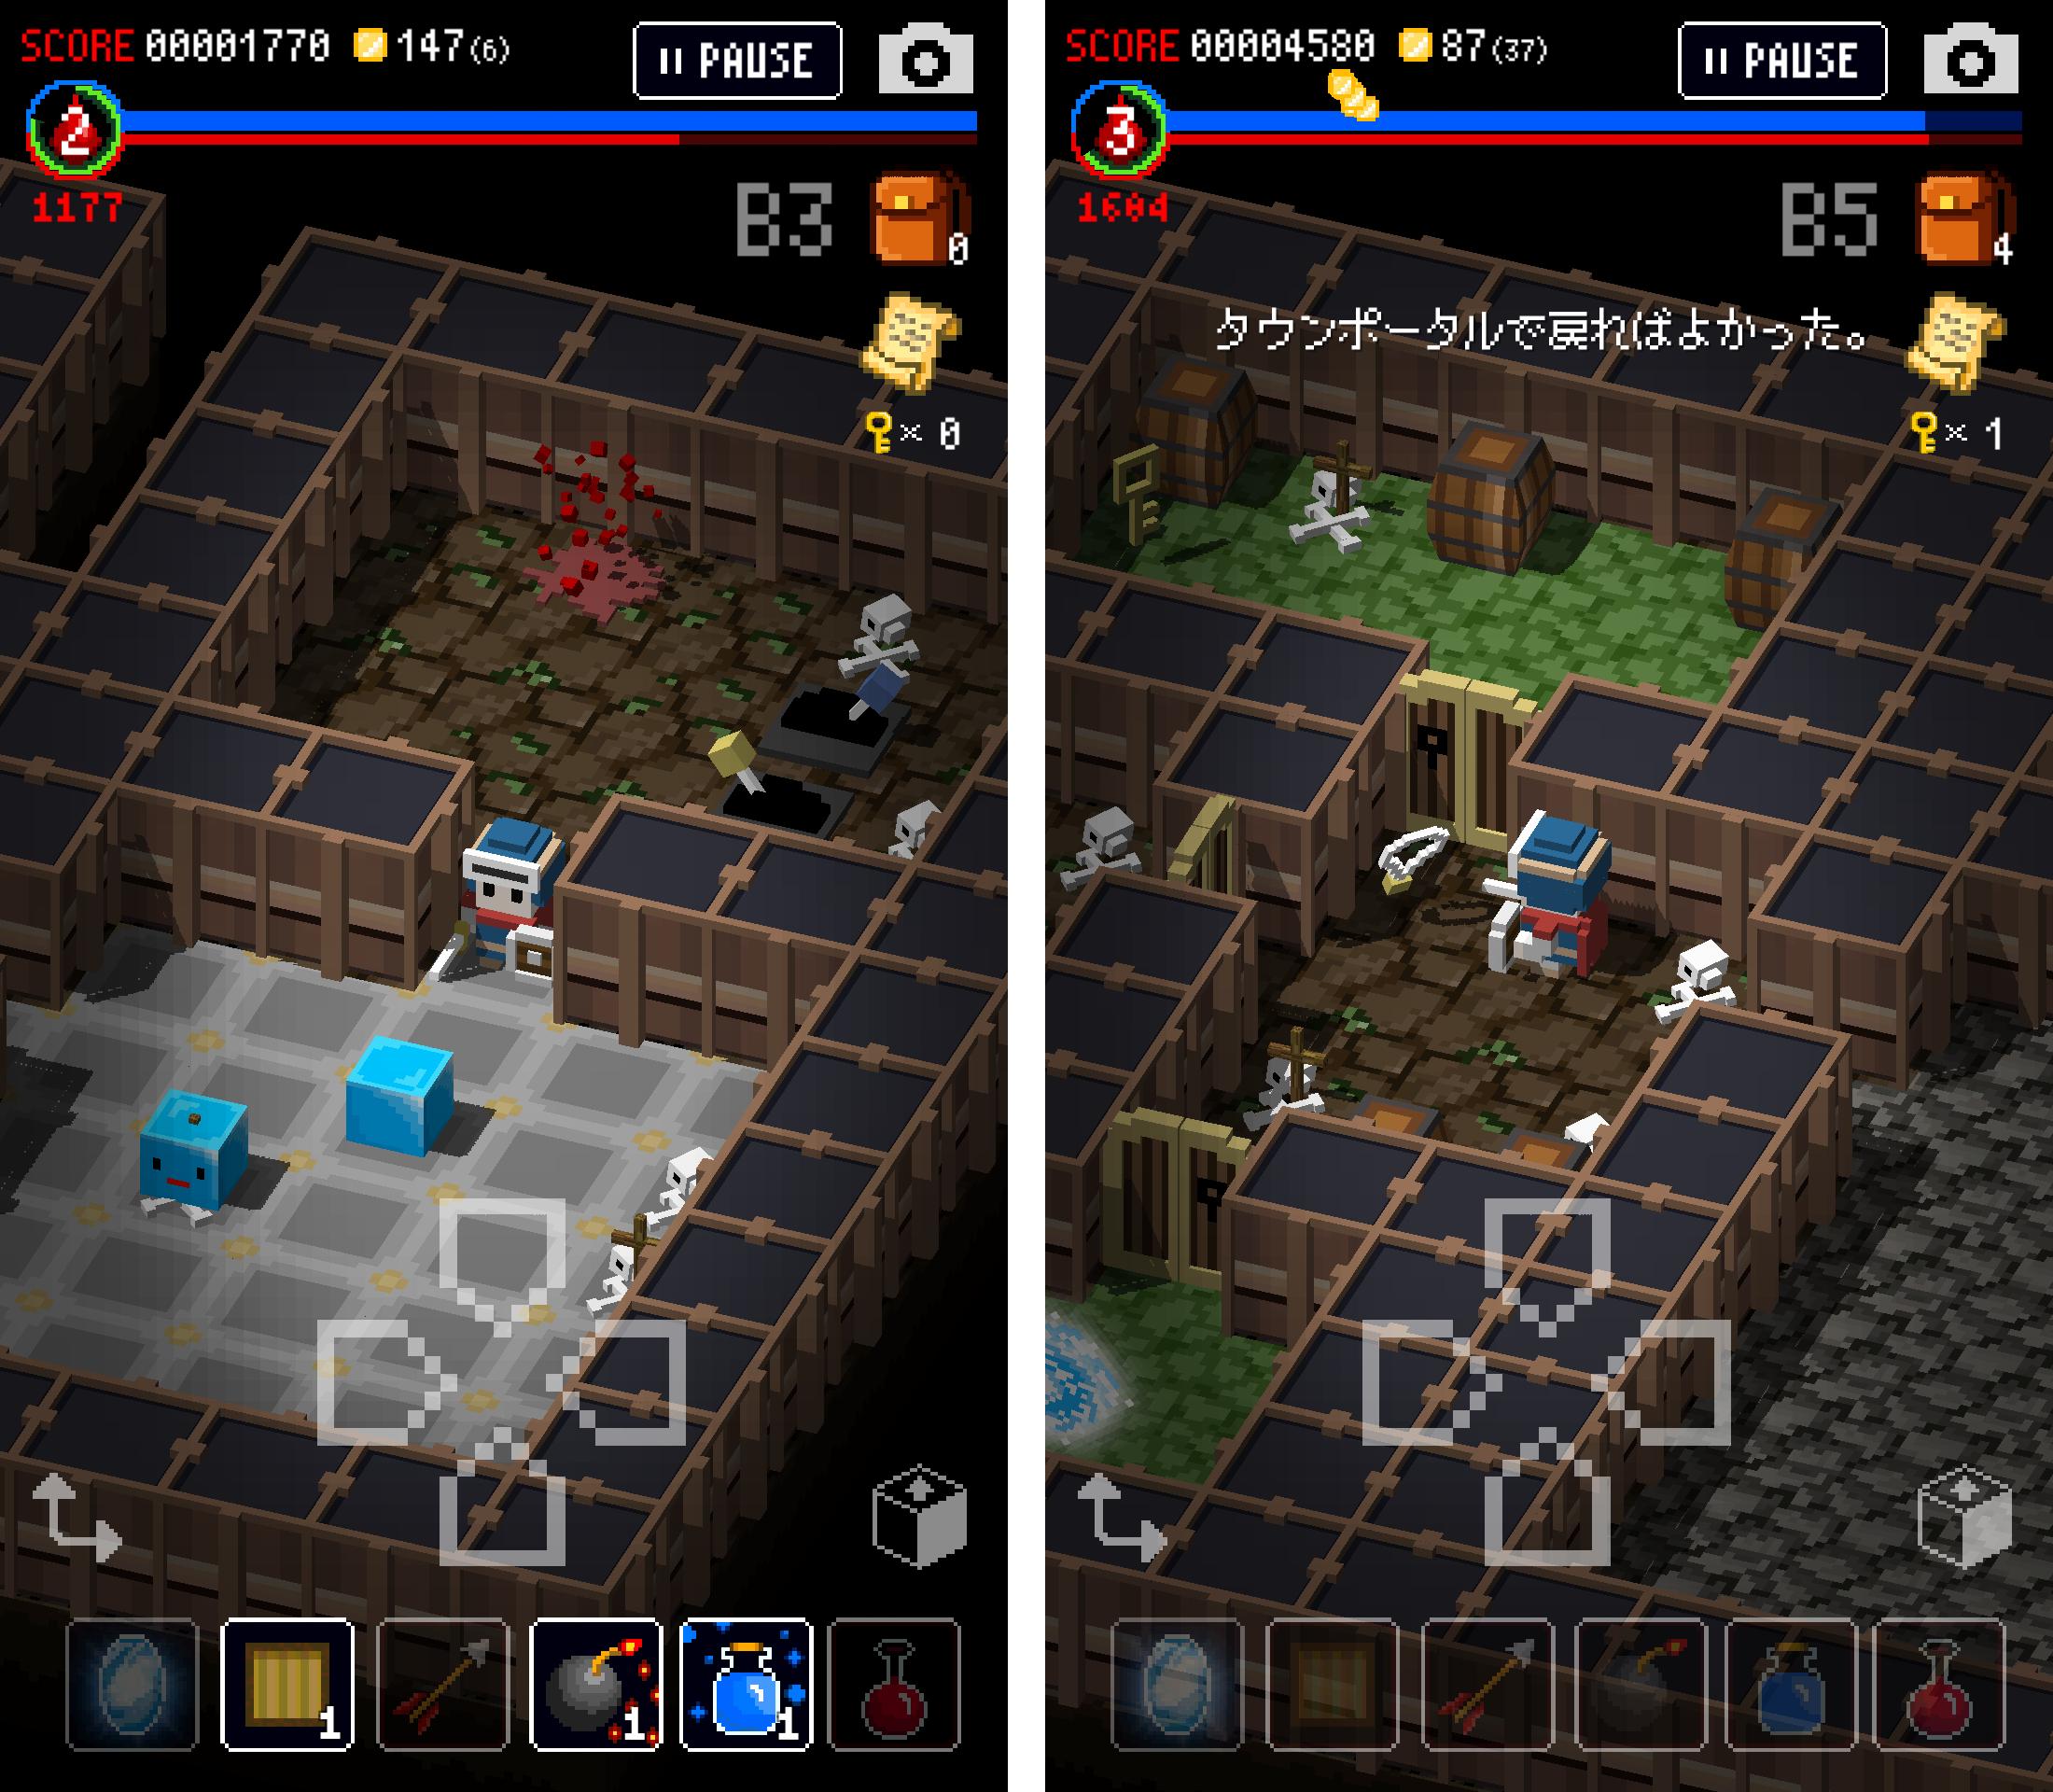 ダンジョンに立つ墓標(Dungeon of Gravestone) androidアプリスクリーンショット1